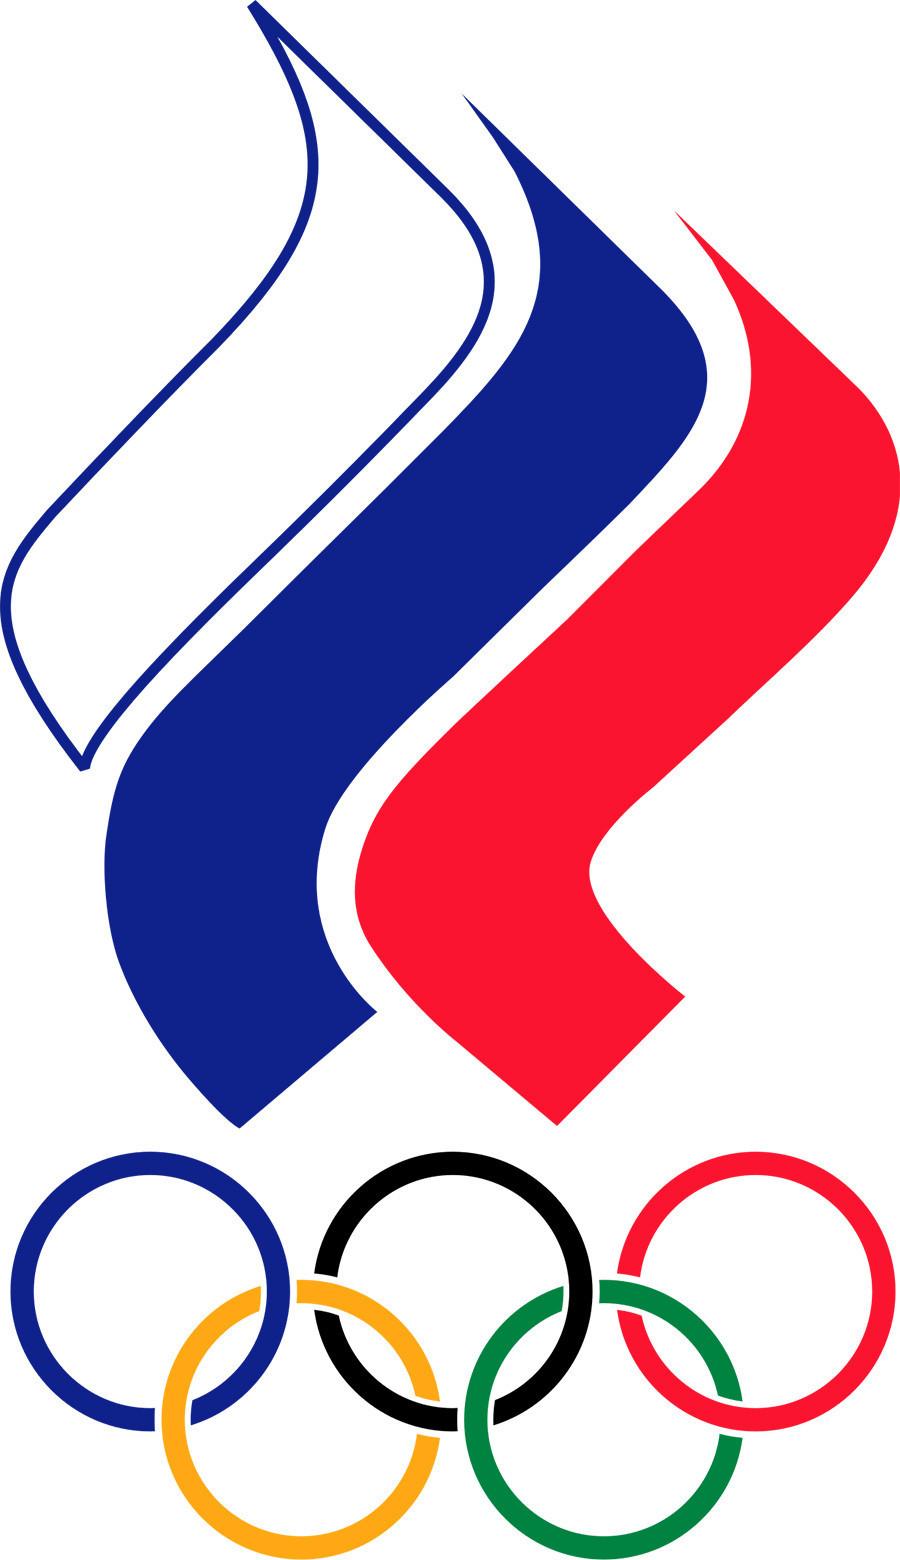 Emblema do Comitê Olímpico Russo